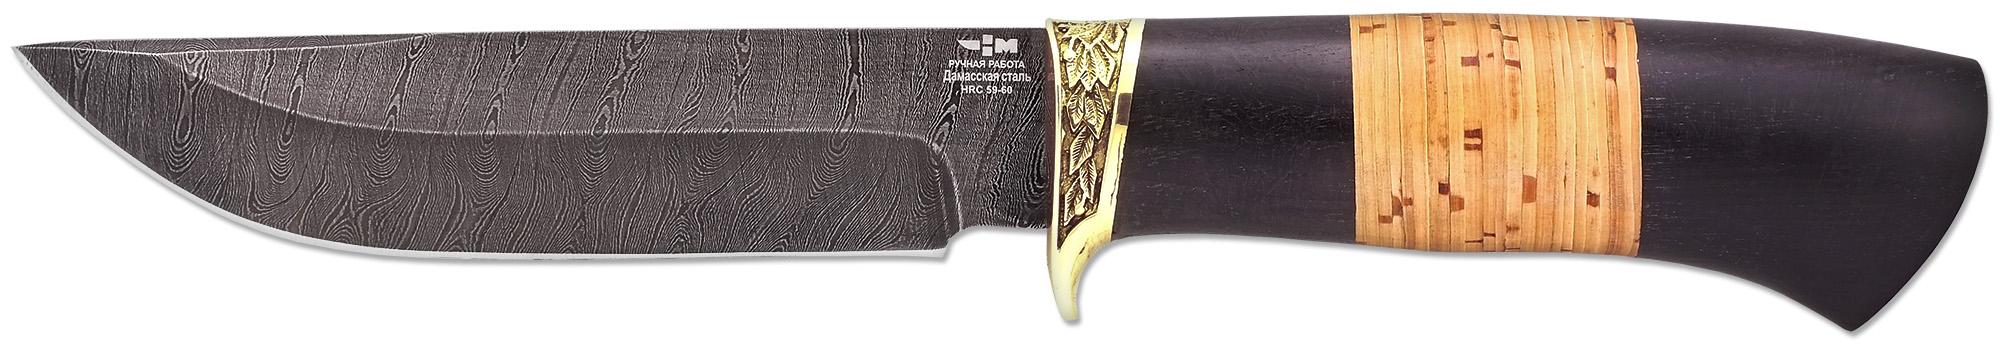 Нож ручной работы Ножемир Россия из дамасской стали ЛЕСНИК (3185)д